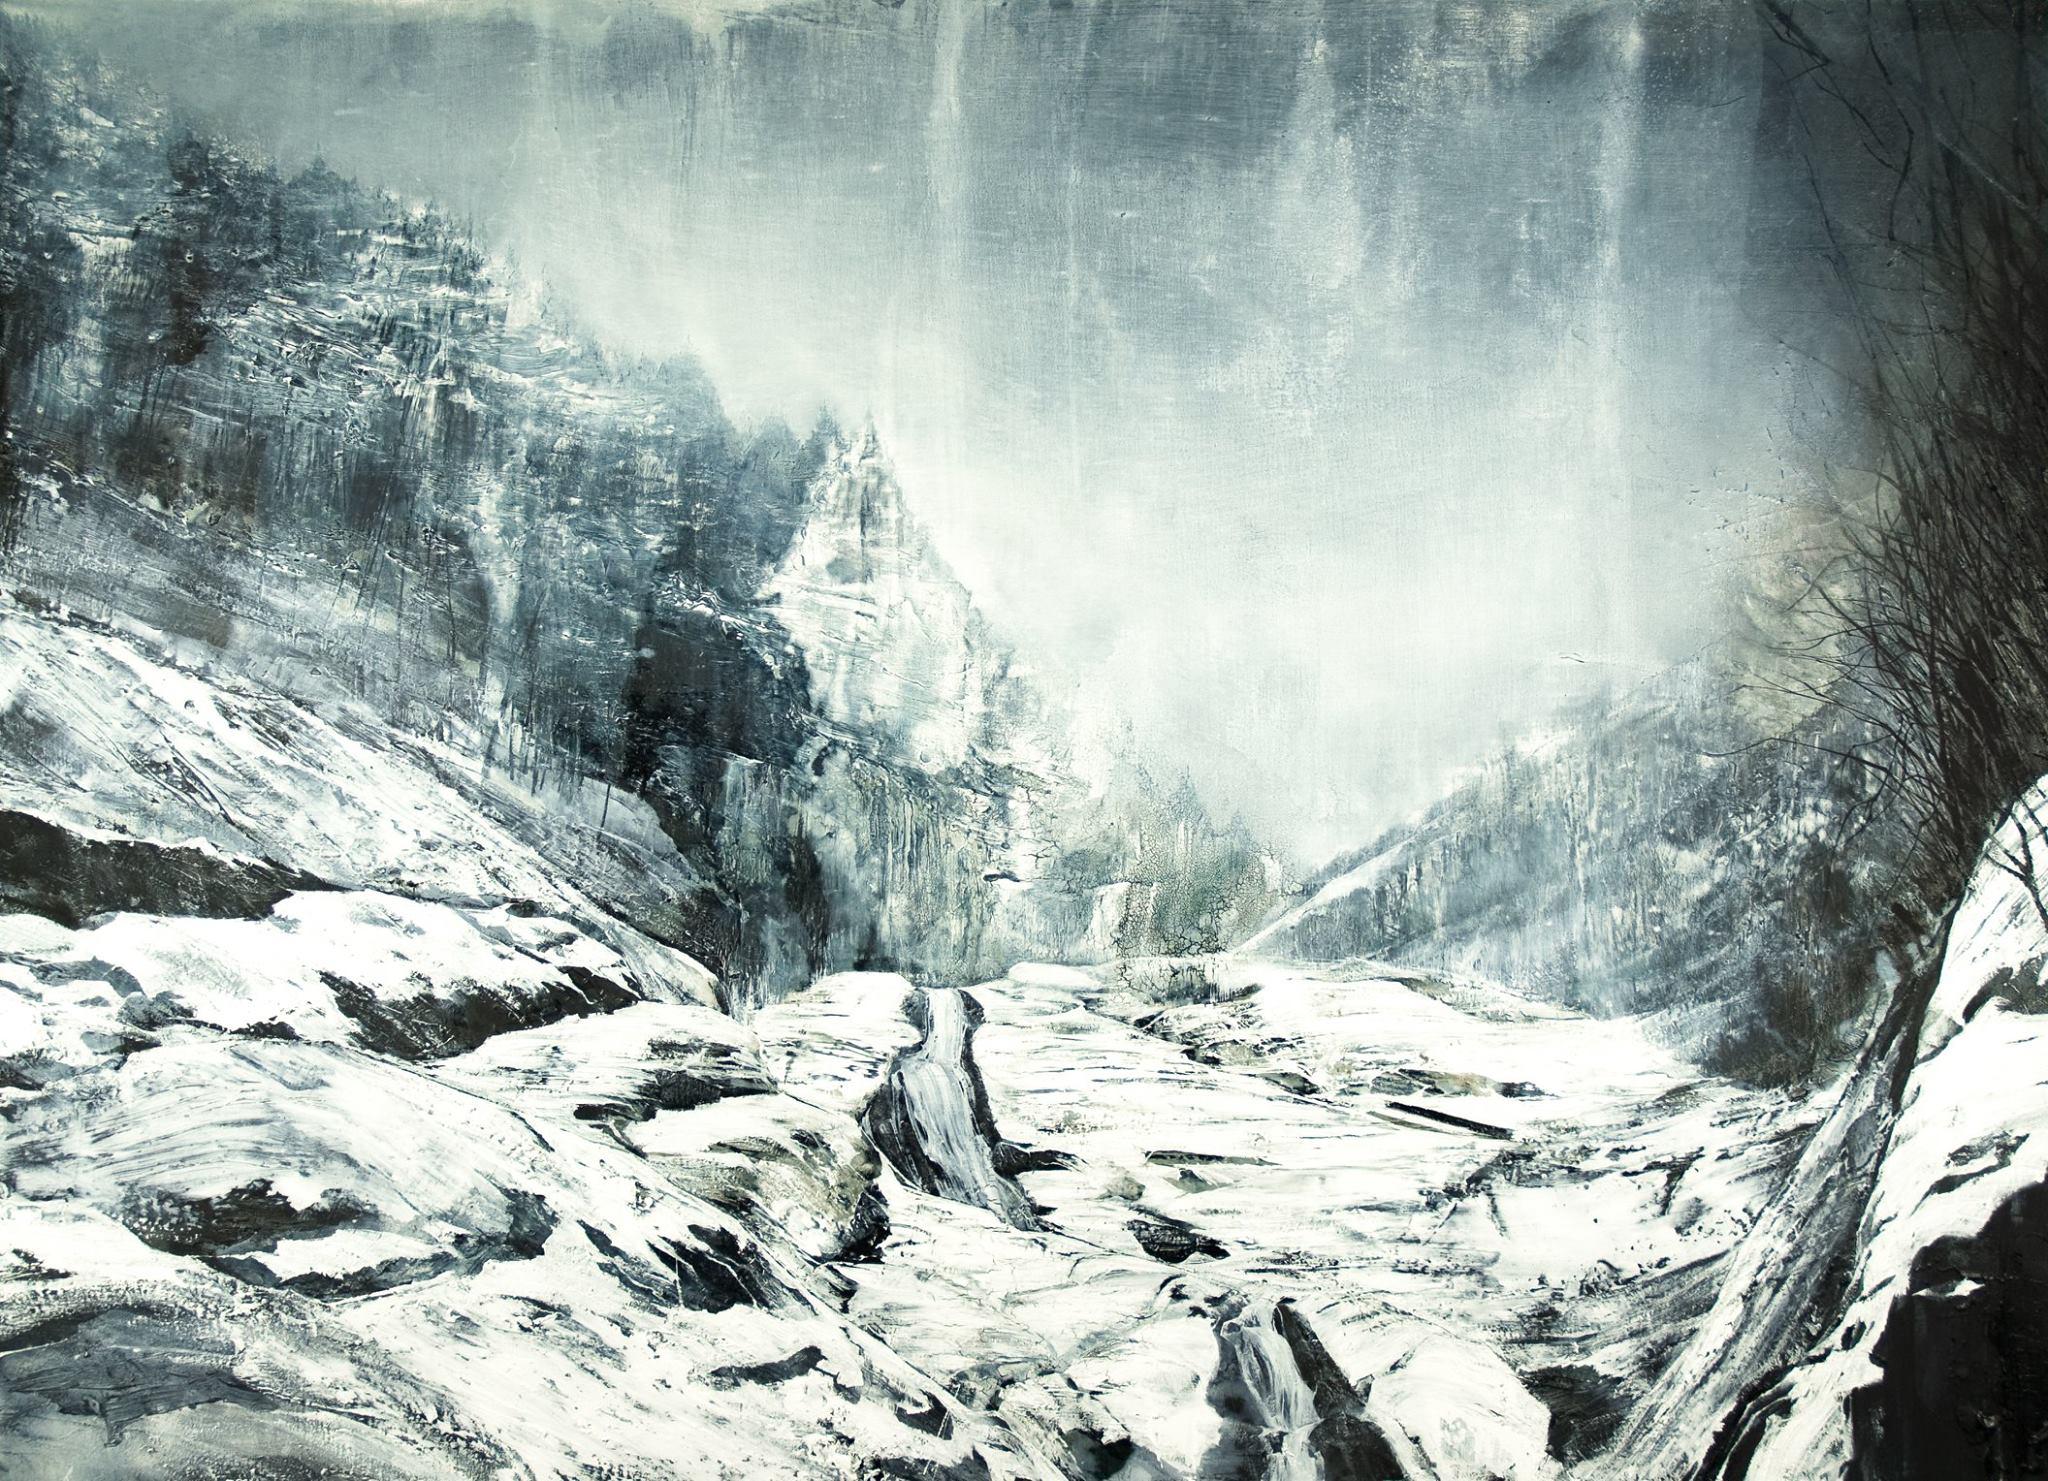 Роскошные пейзажи Норвегии - Страница 12 BHnP12RDQf0